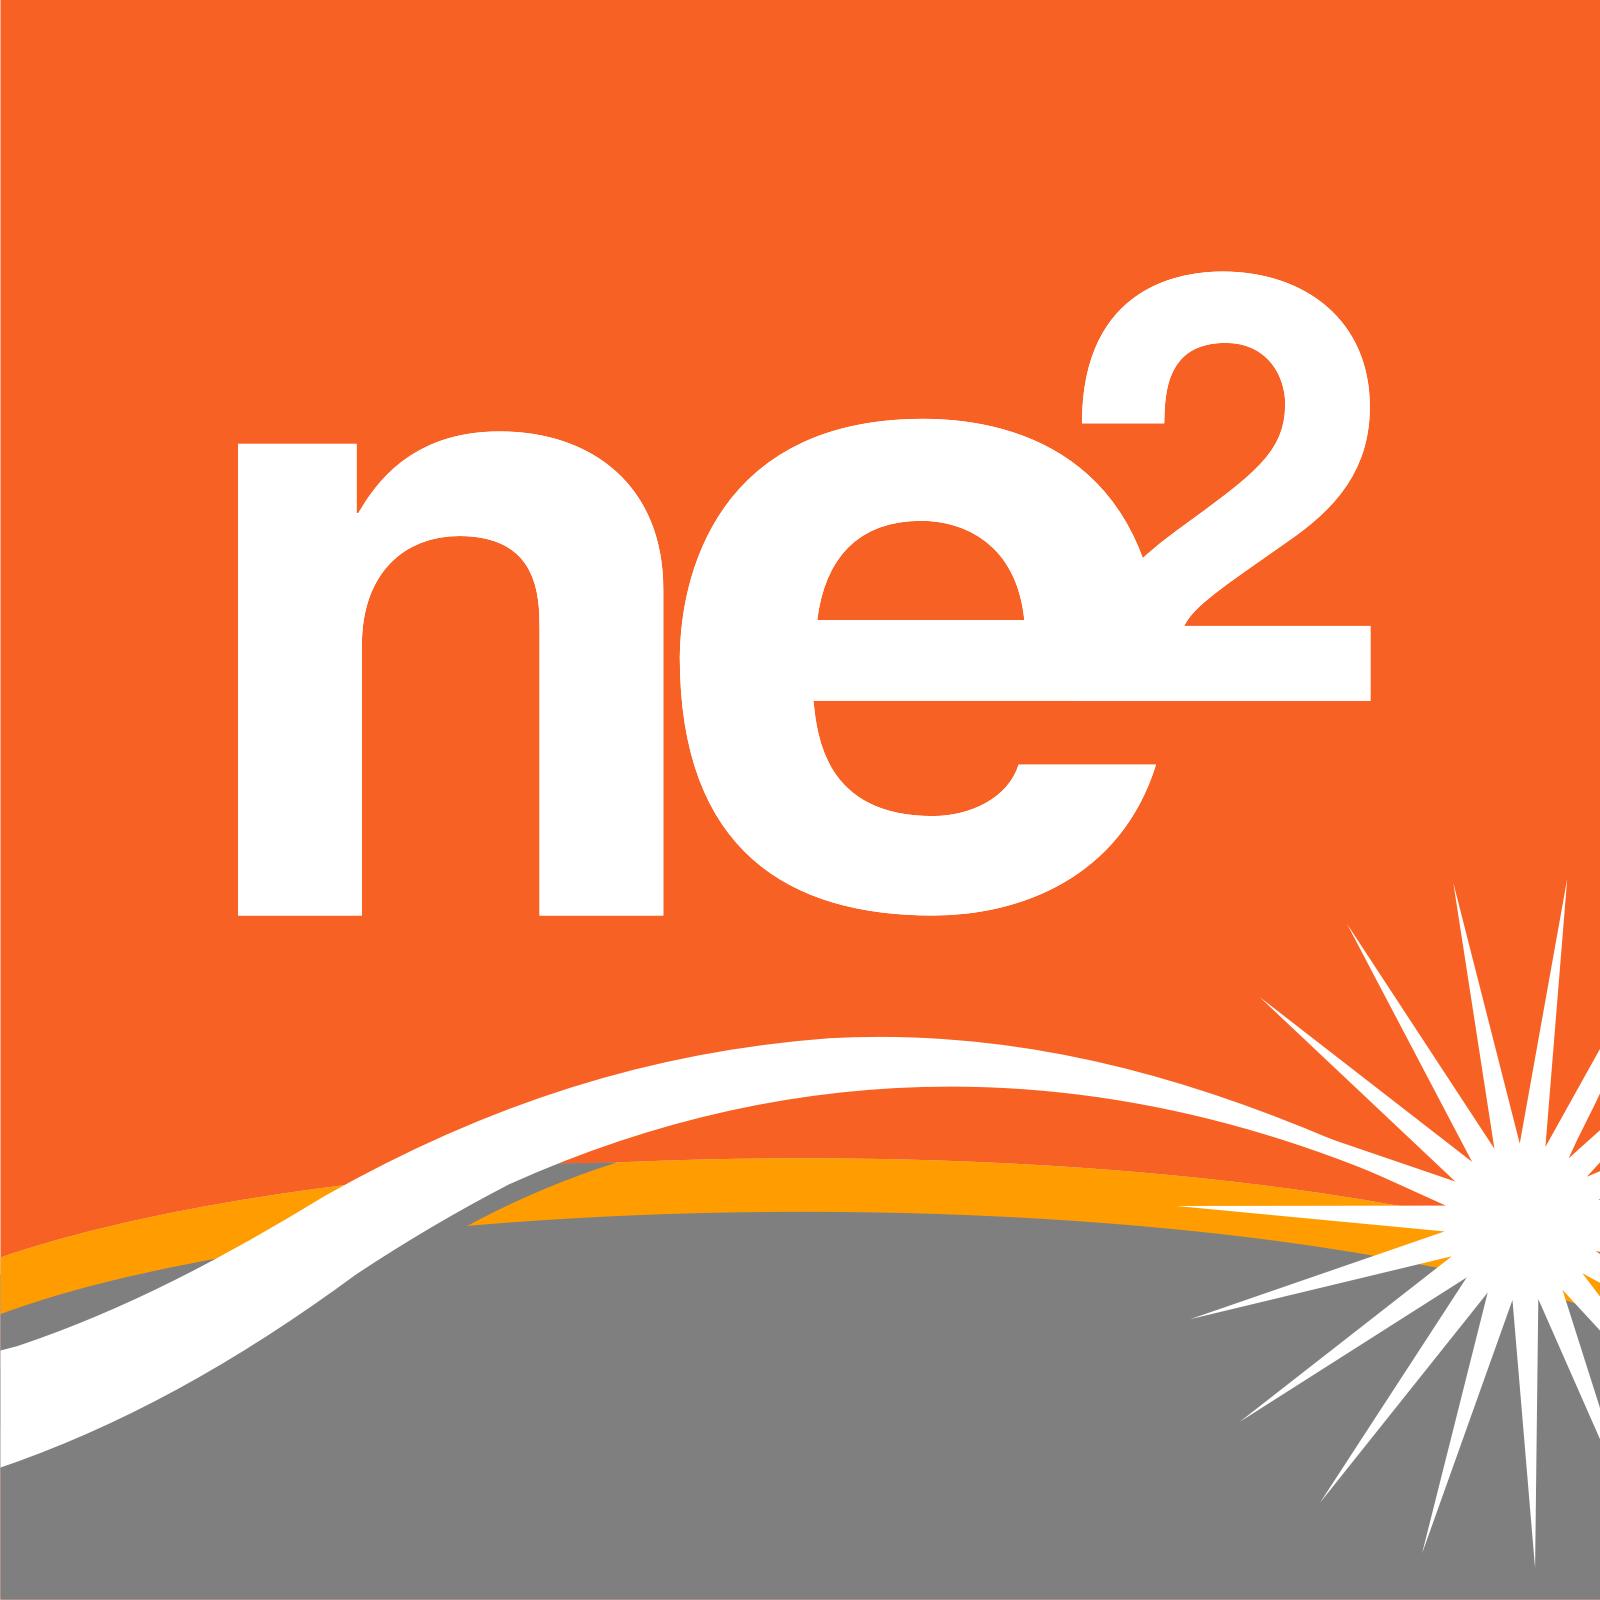 ne2 Orange Top 1600x1600 600 DPI.png